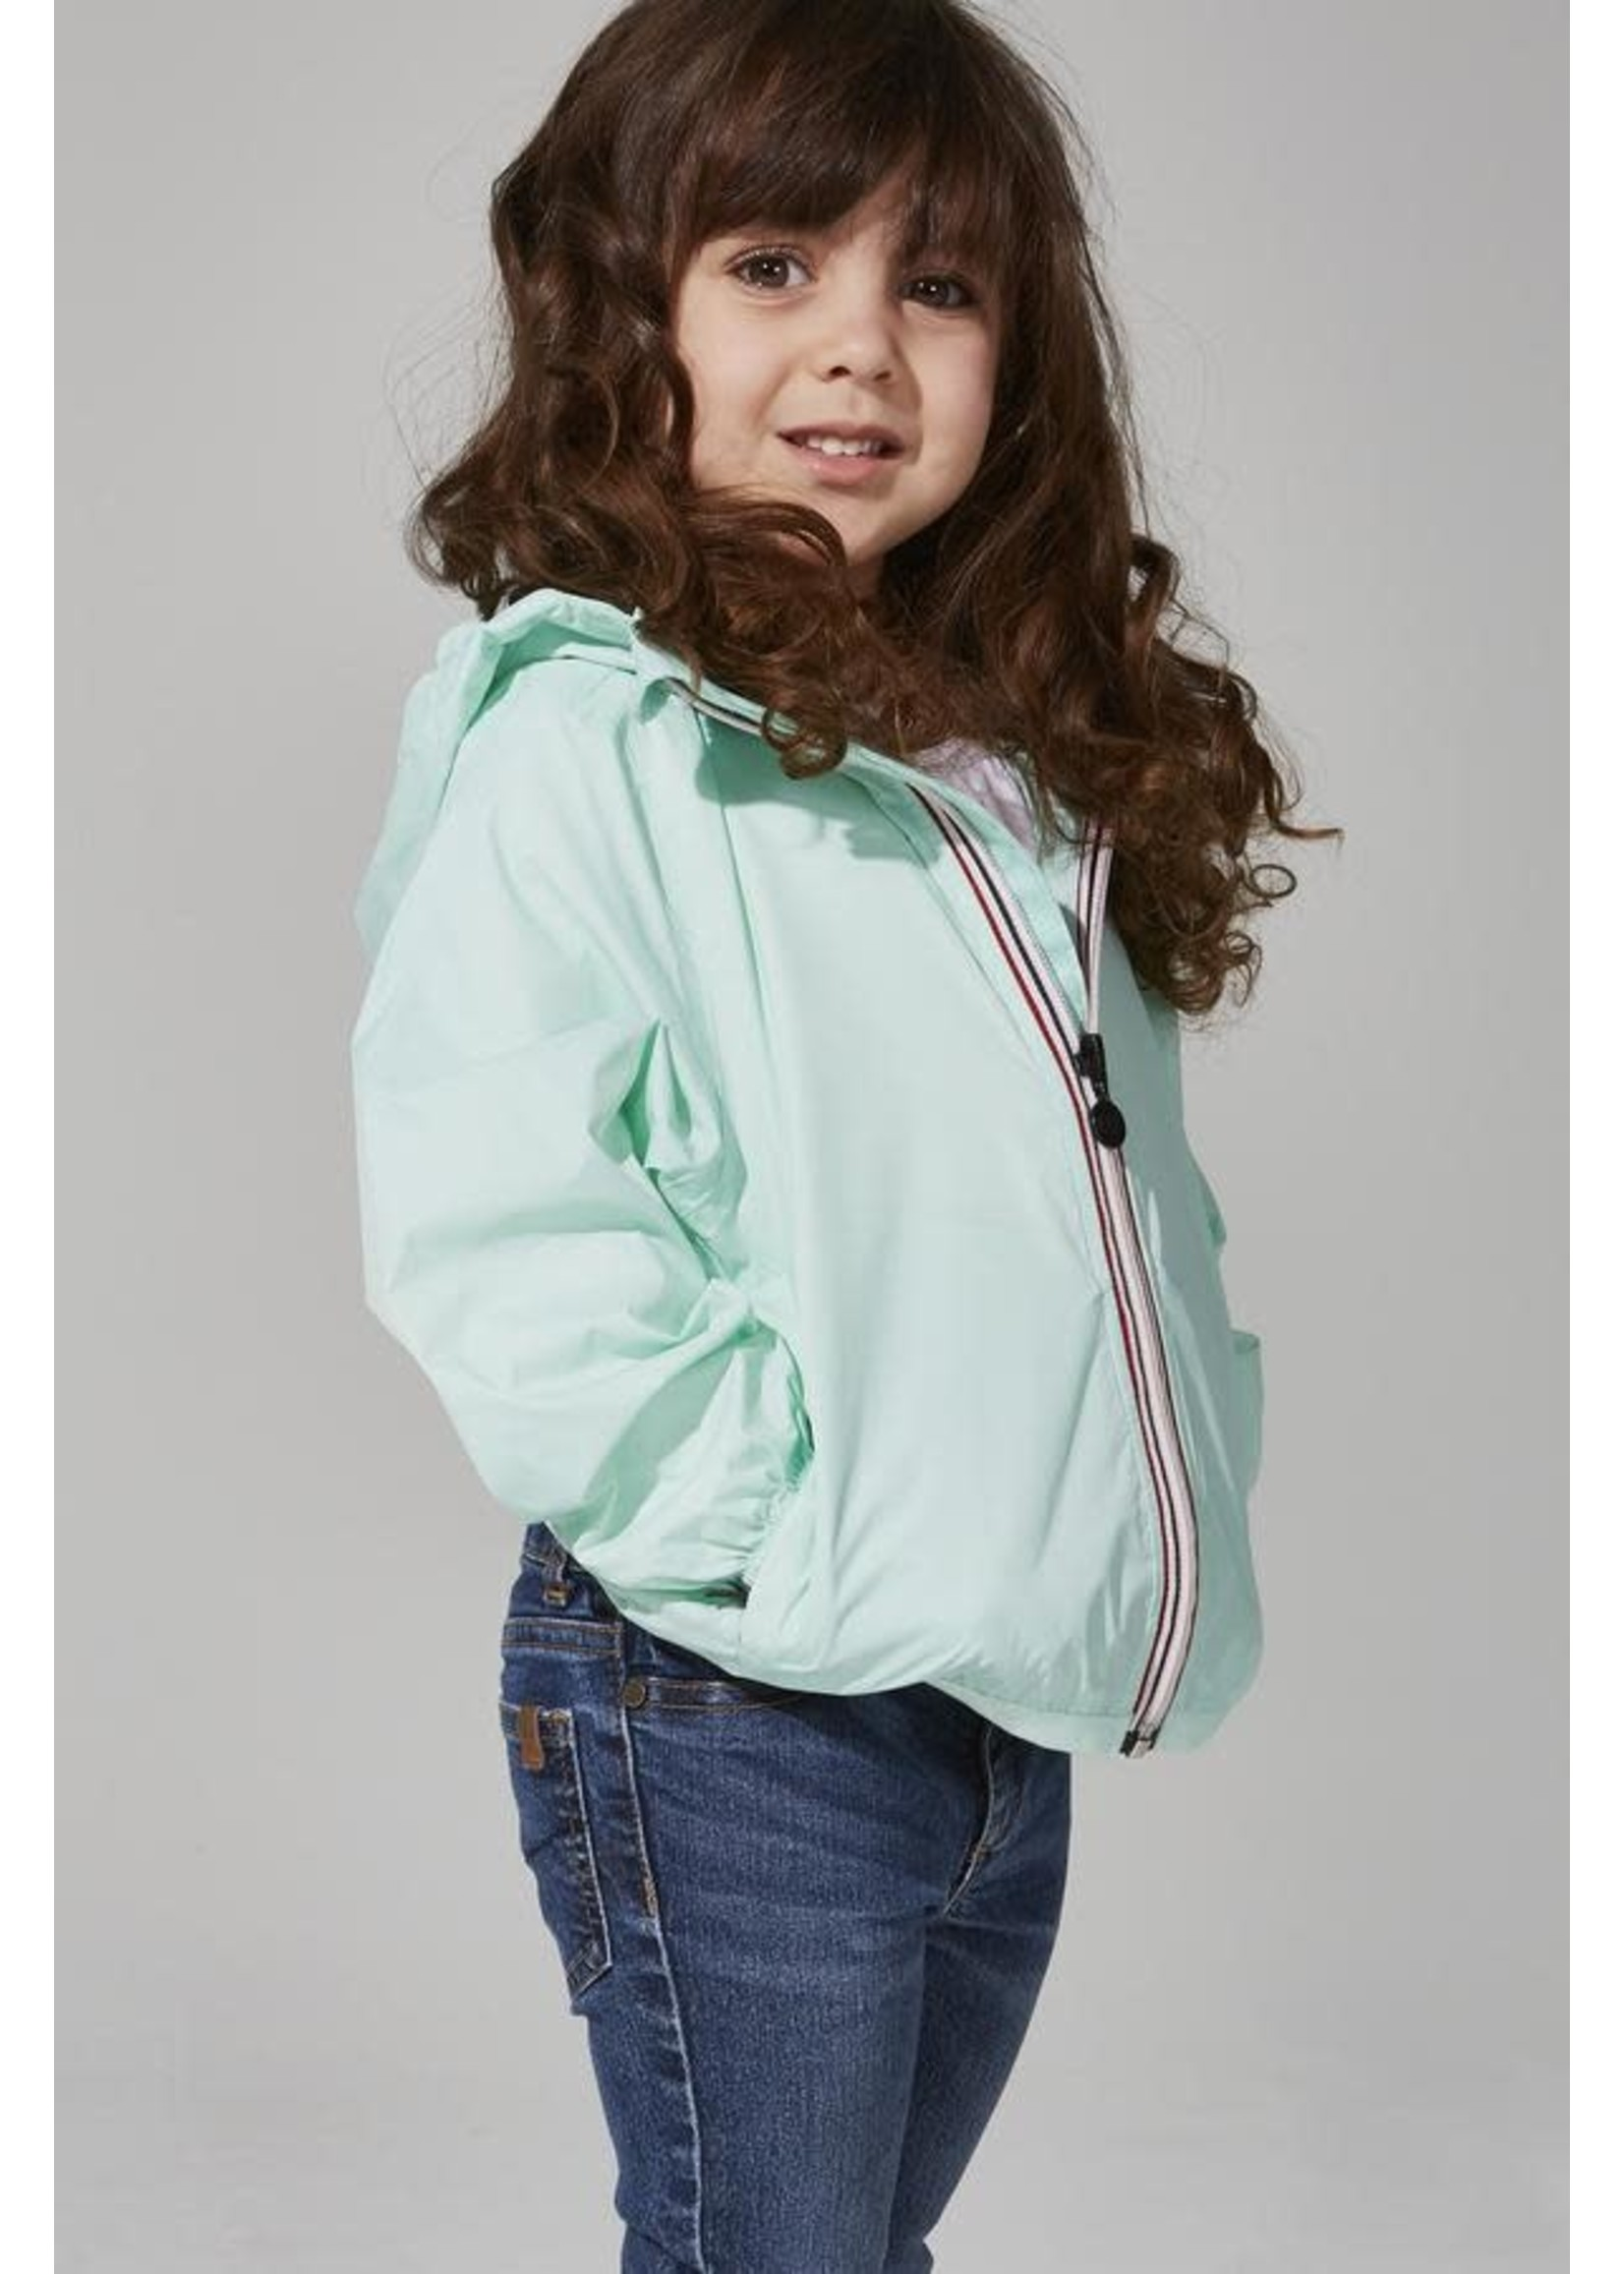 O8 O8 Kids Zip Jacket Mint